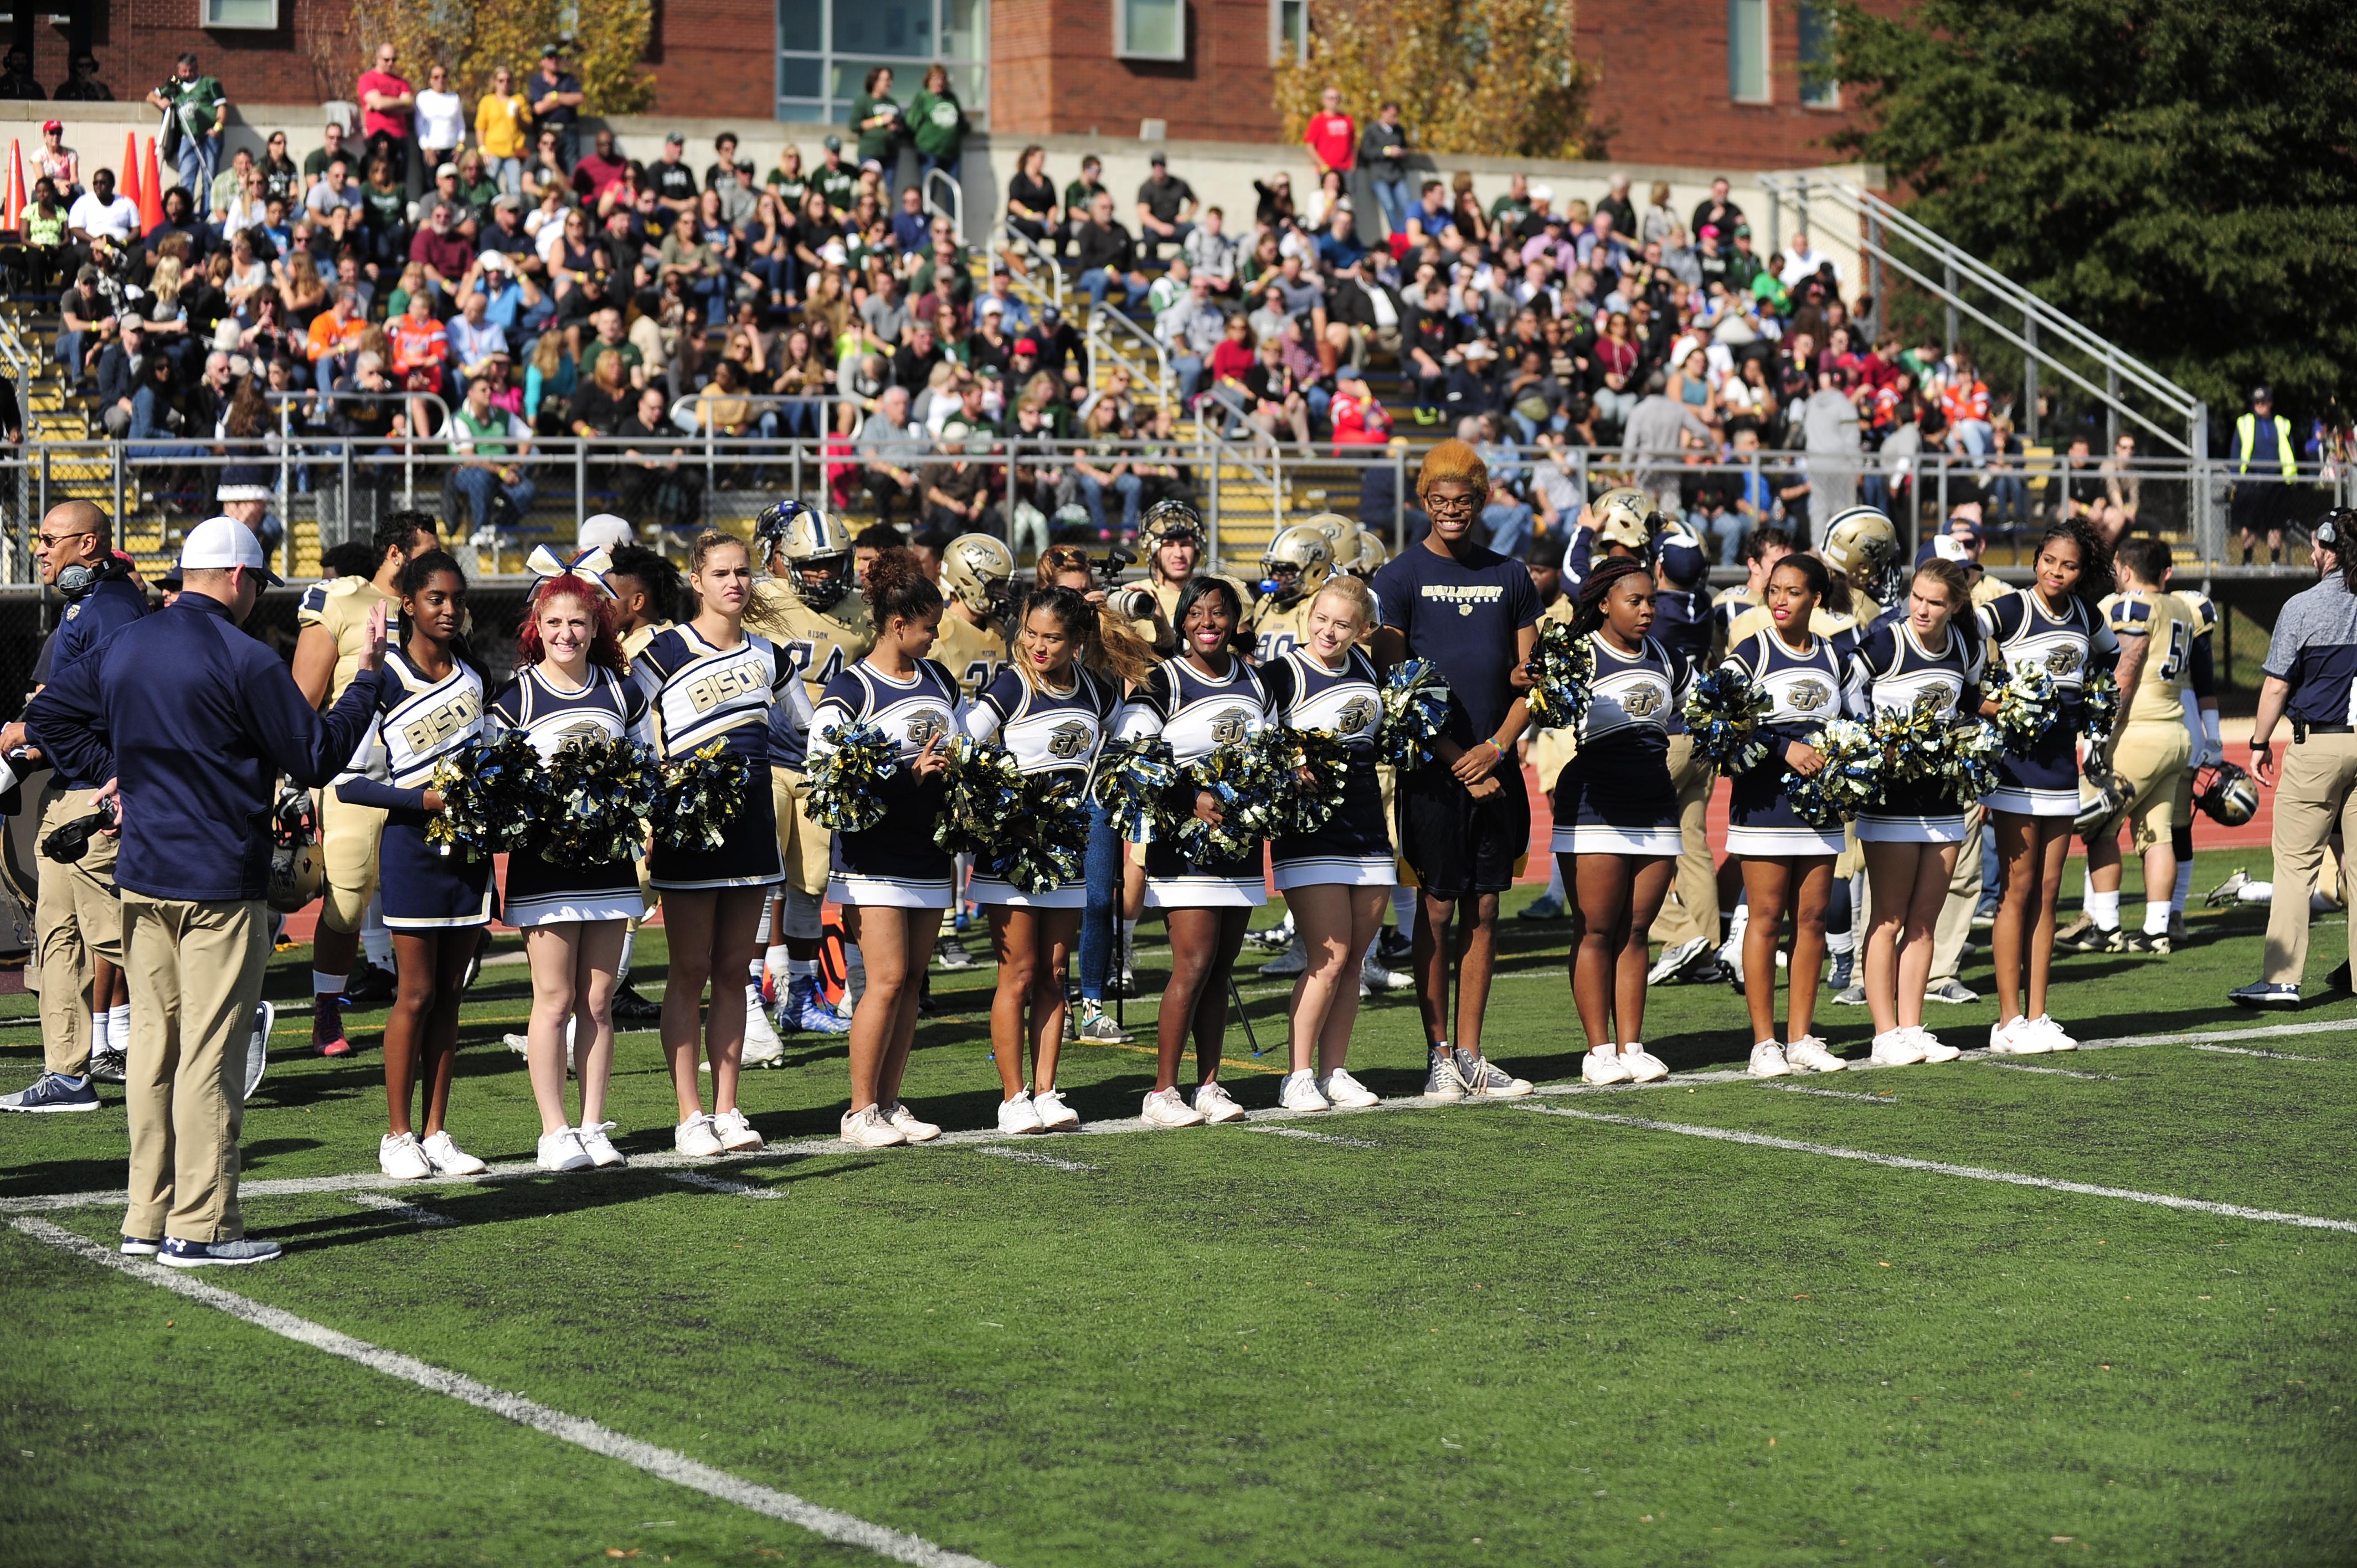 Cheer team pregame